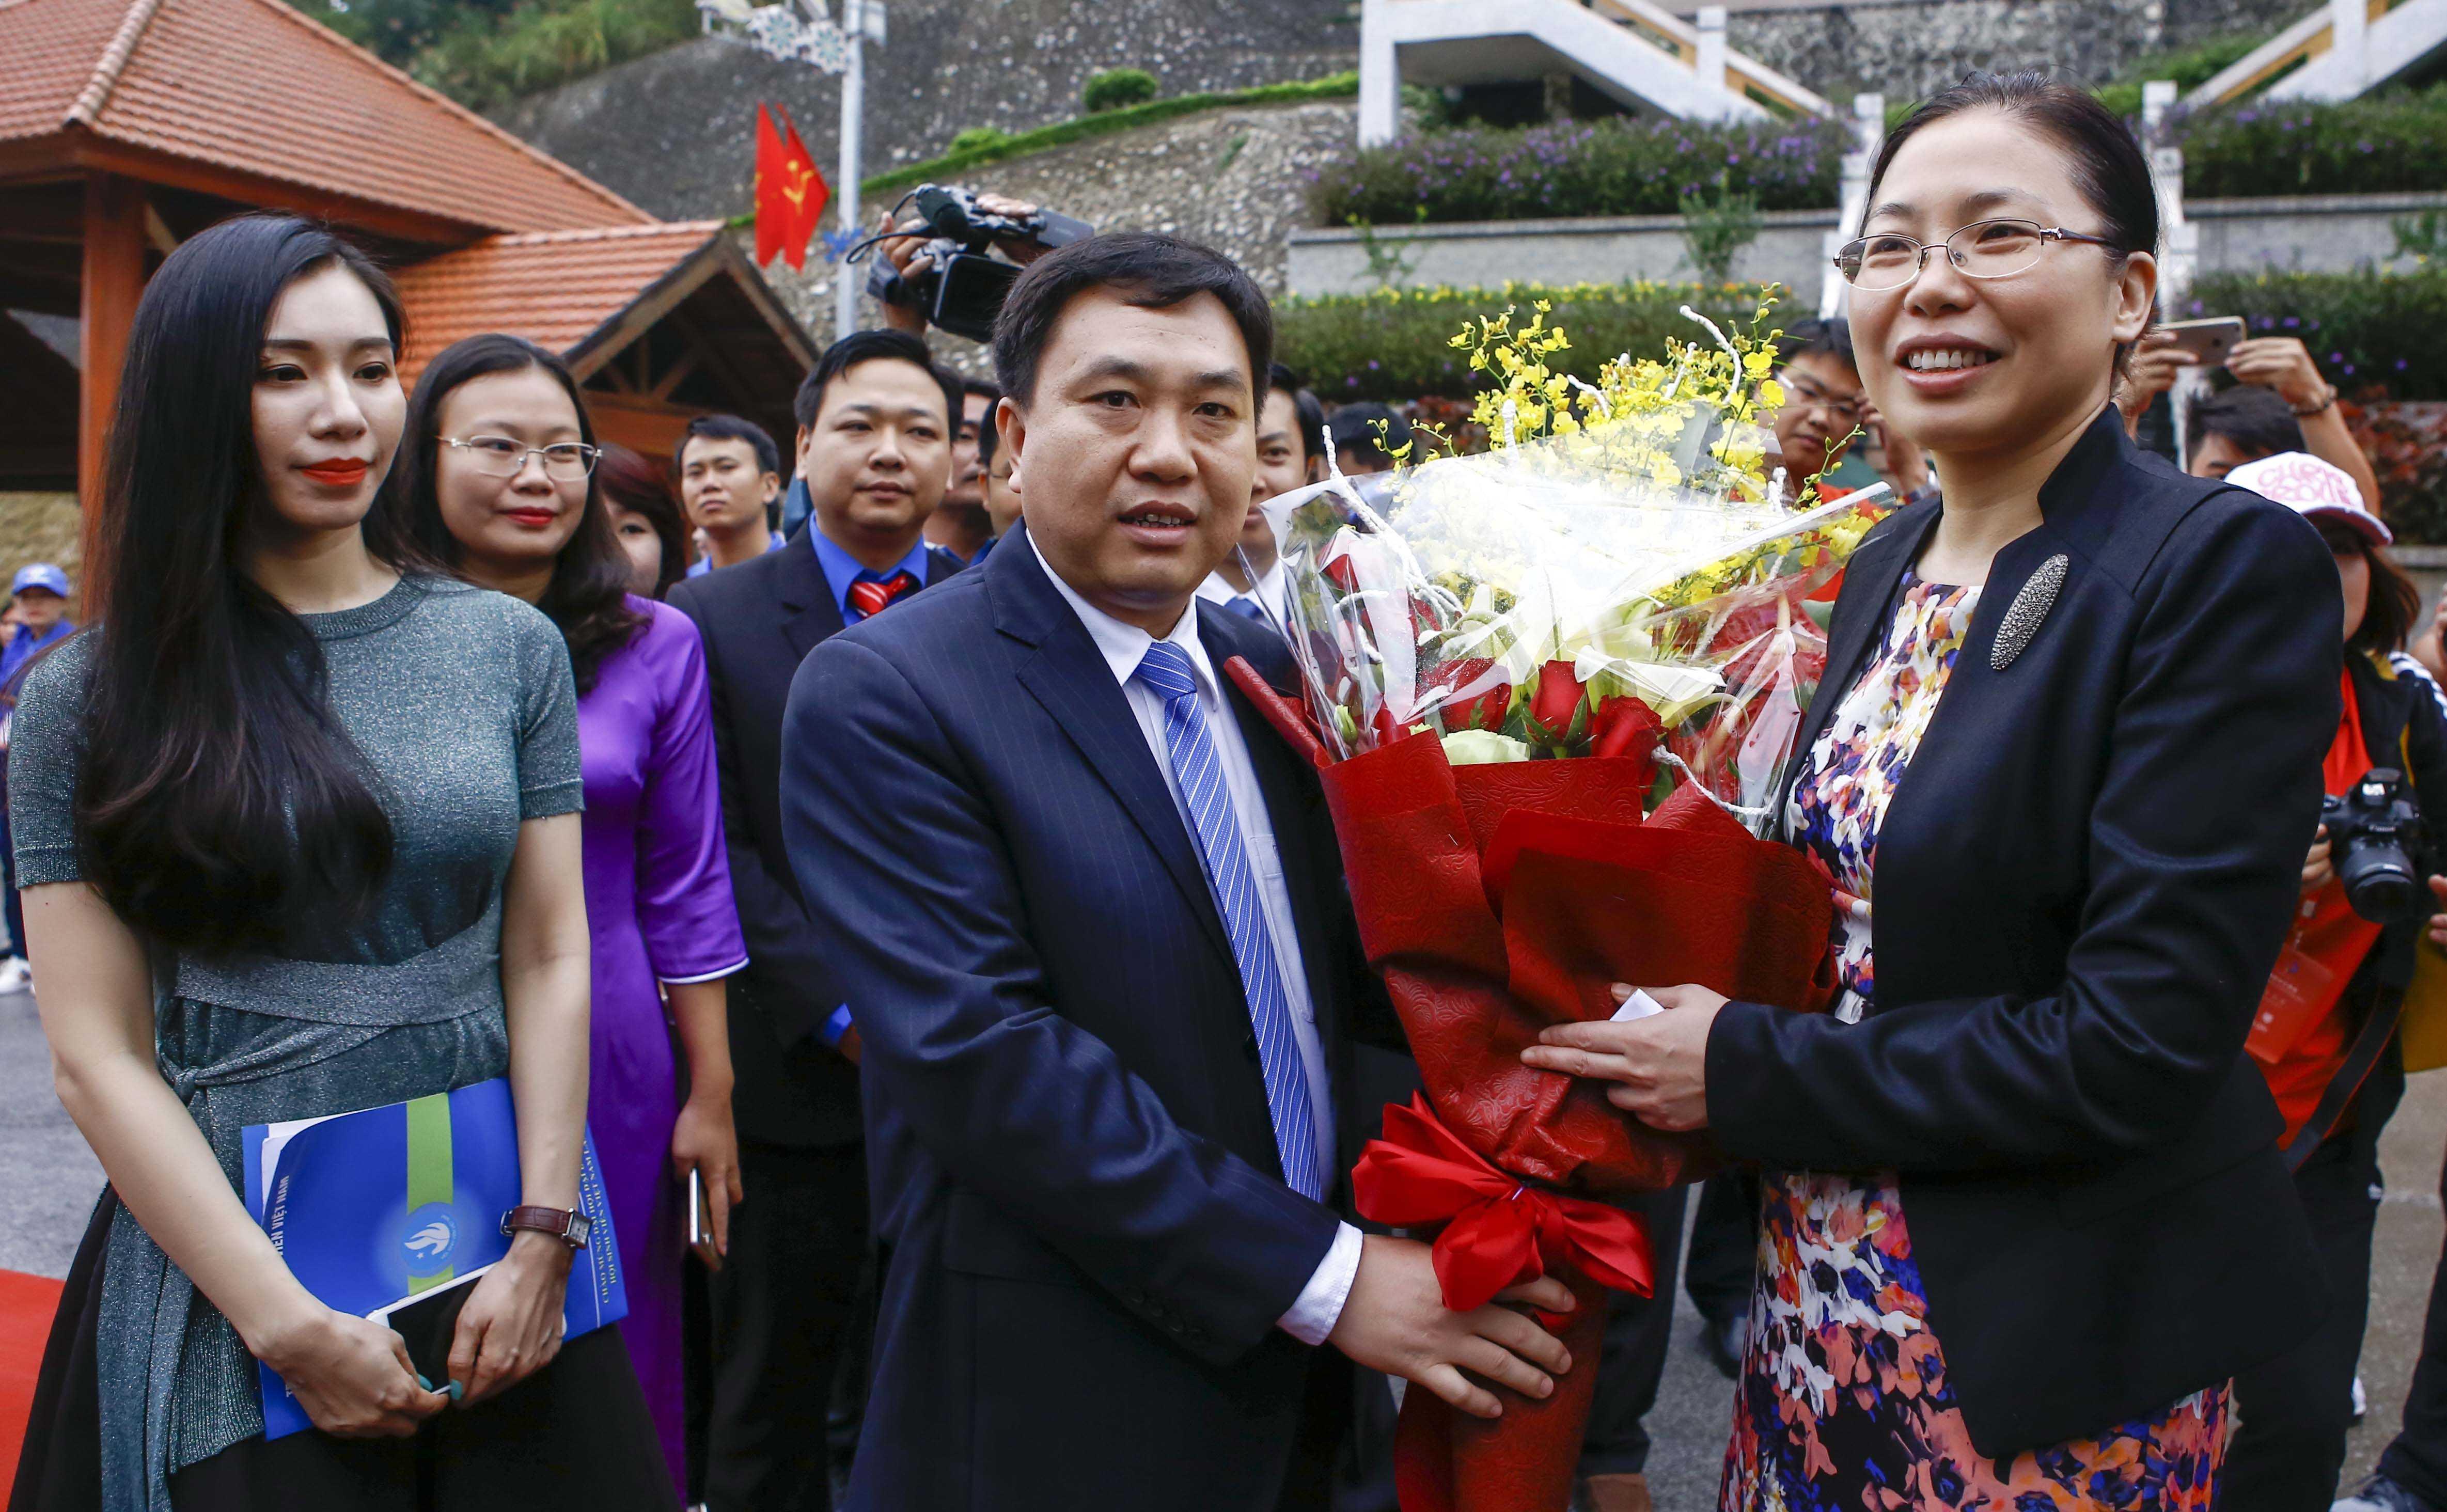 tanghoa 0278 - Khởi động Liên hoan Thanh niên Việt Nam - Trung Quốc lần thứ III